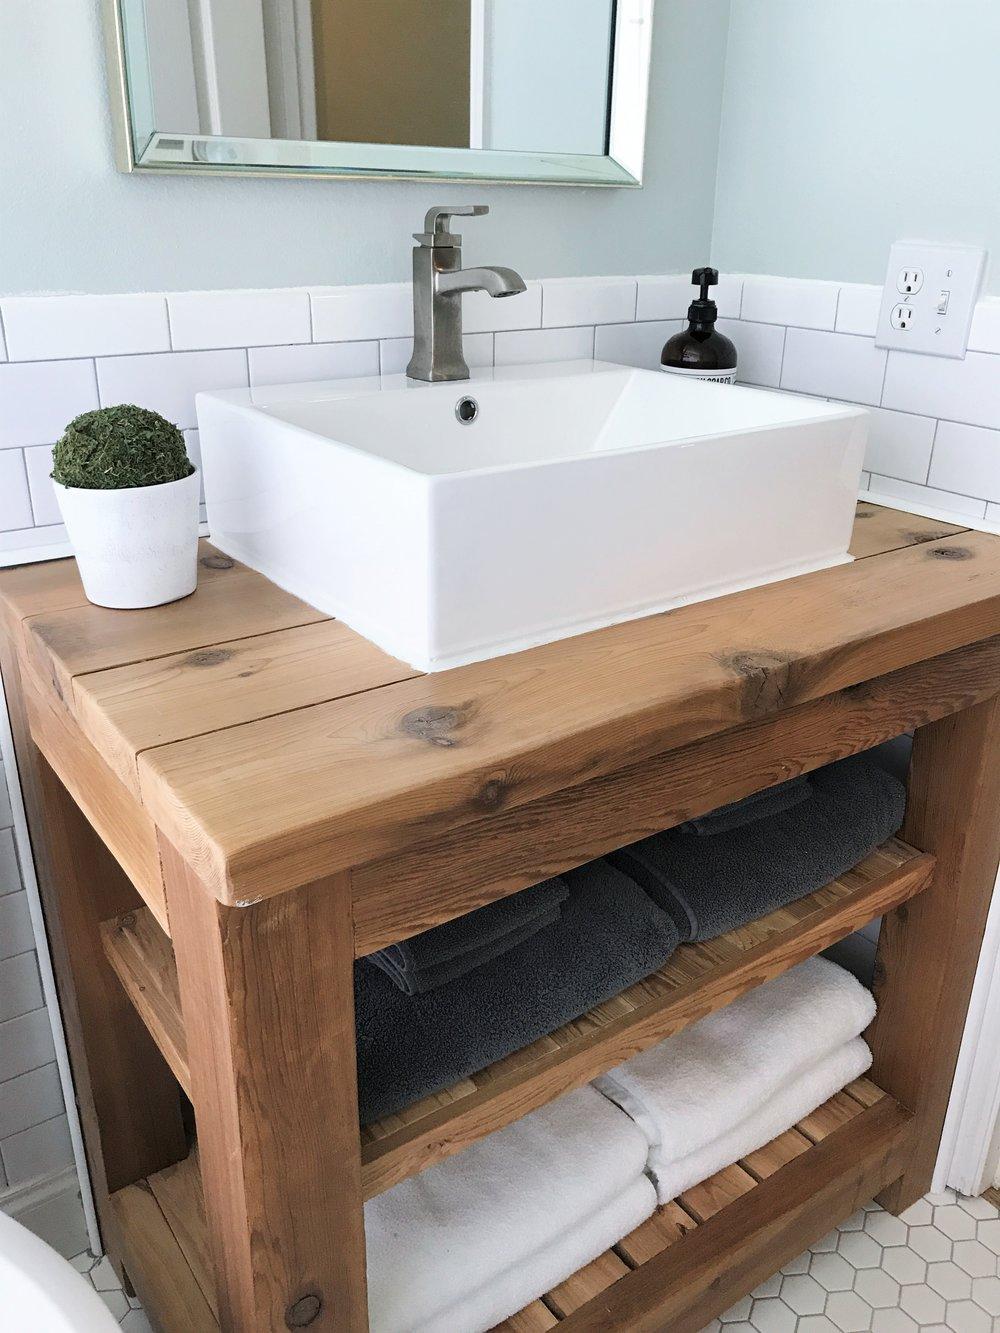 Cedar Wood Bathroom Vanity  |  Guest Bathroom Renovation - Before and After  |  This Hiatus Blog